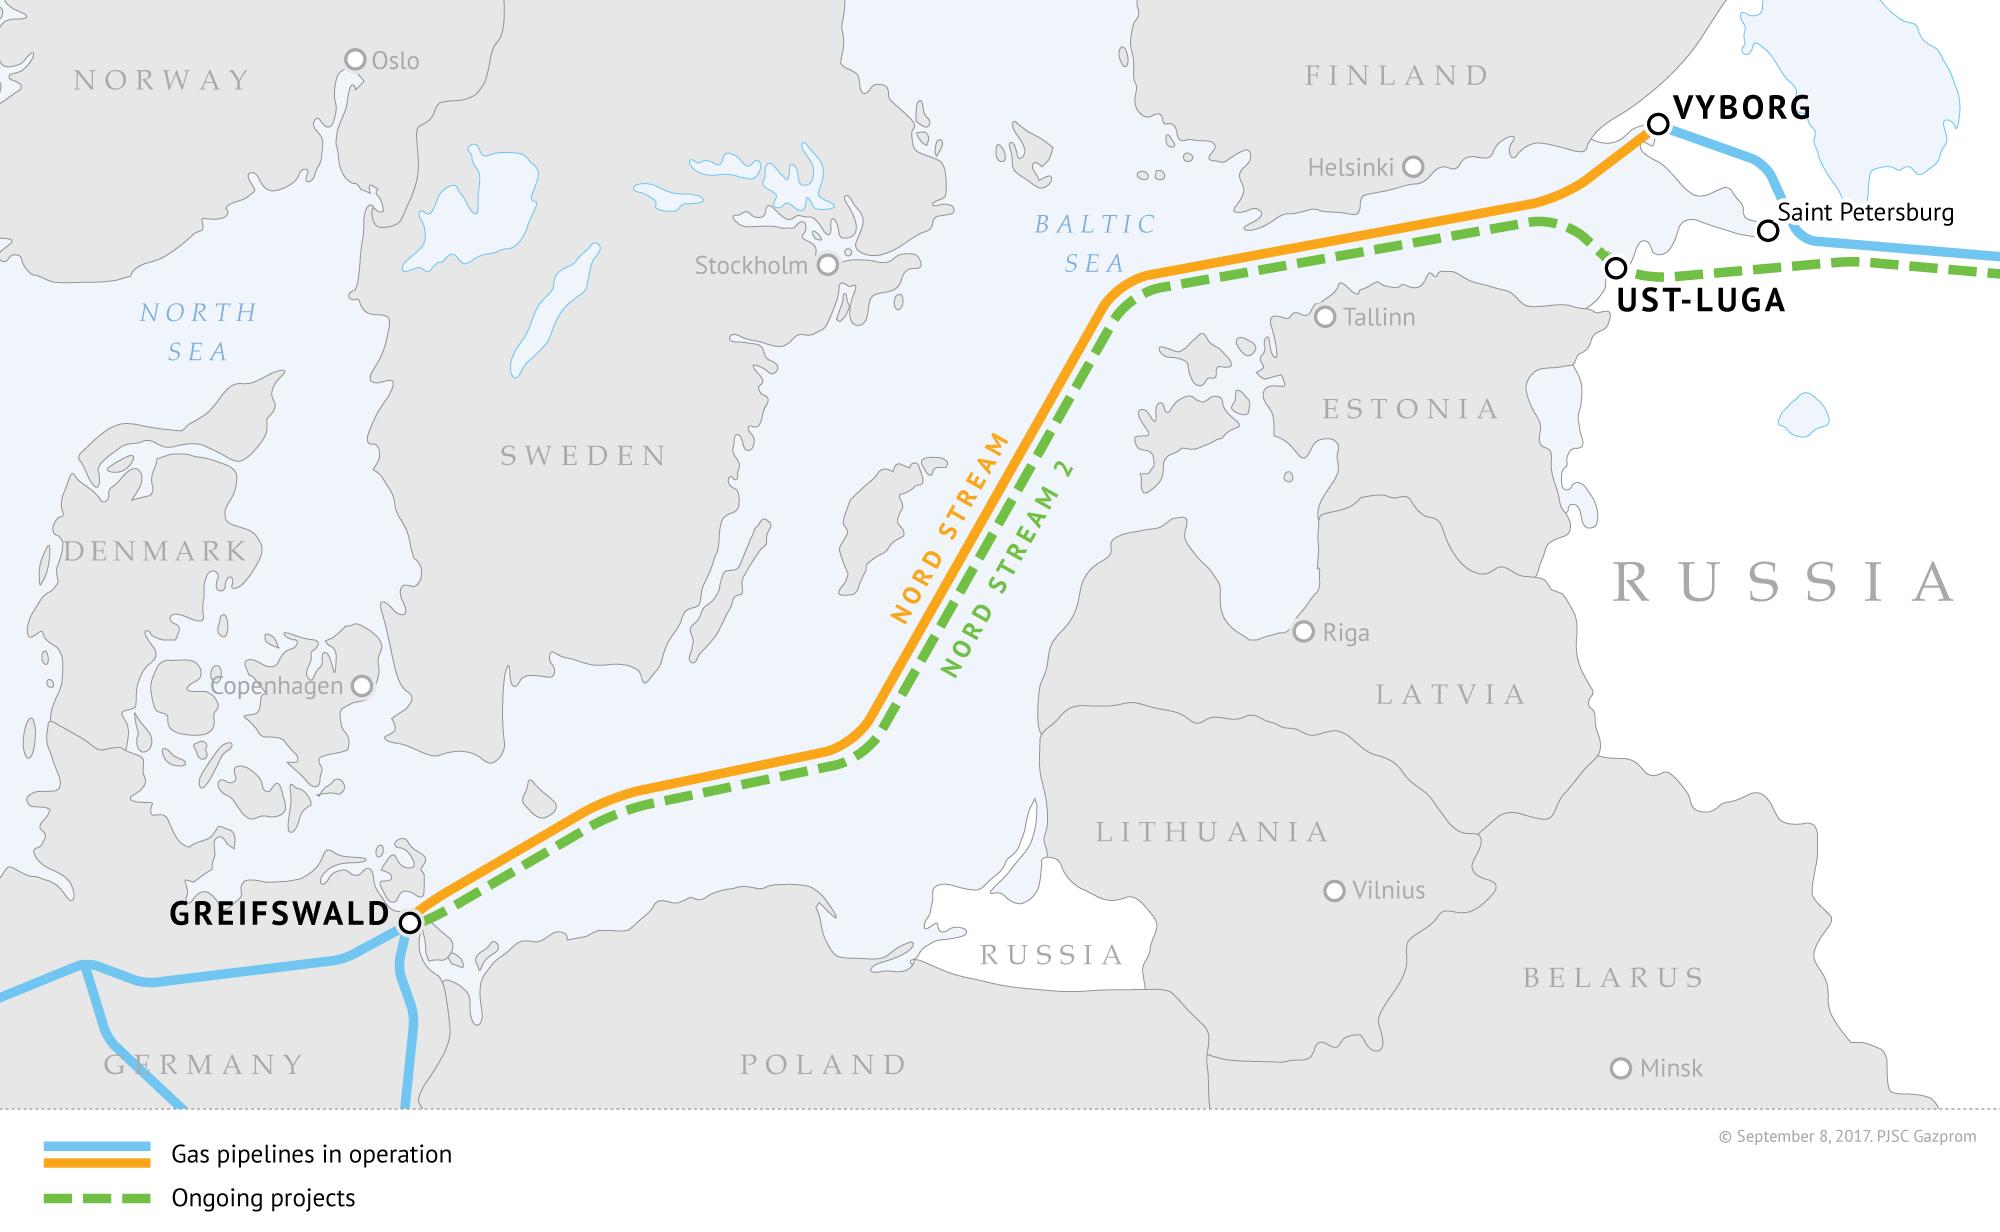 În Germania a început oficial construcția gazoductului Nord Stream 2. SUA amenință cu sancțiuni